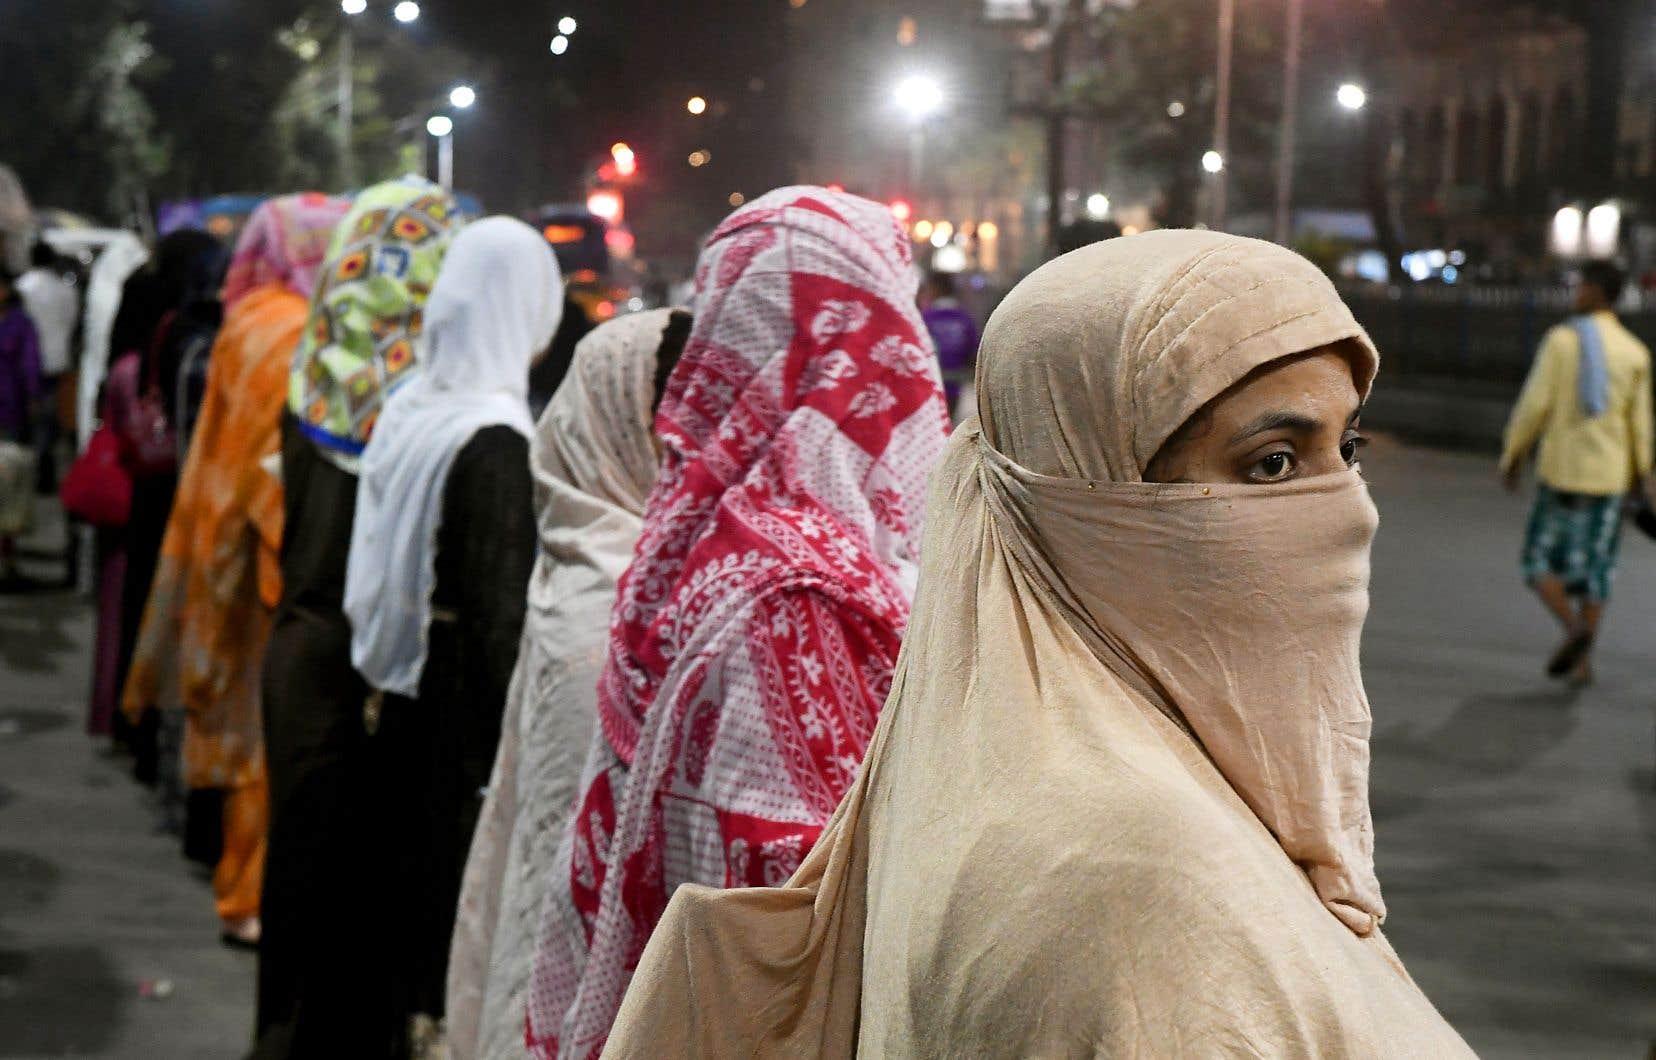 Une loi sur la citoyenneté, jugée discriminatoire pour les musulmans, a amené certains à manifester, mais a surtout cristallisé les tensions intercommunautaires.